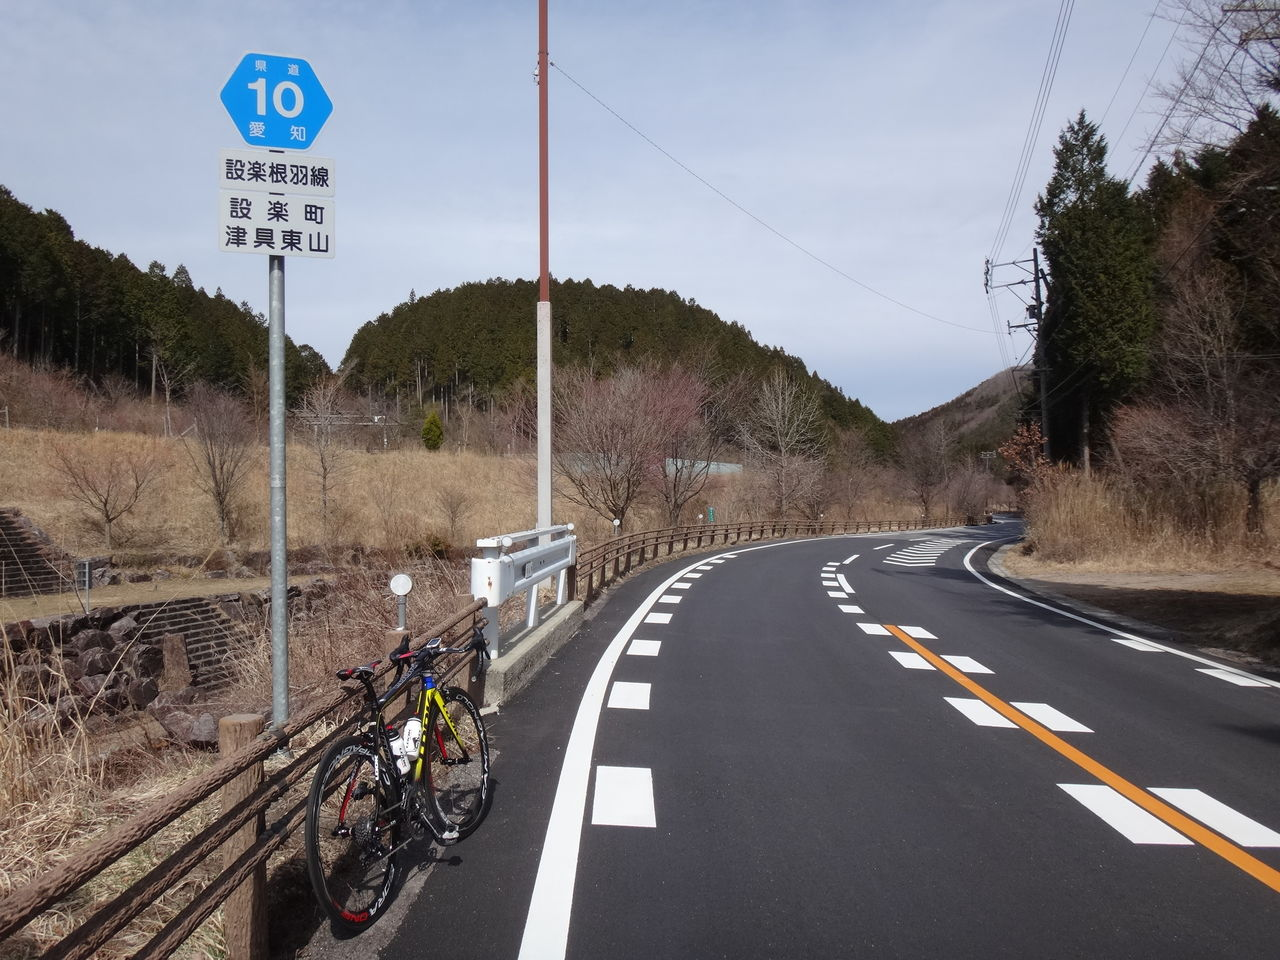 愛知県道・長野県道10号線 : 自転車生活 in 生駒(@look675campy)